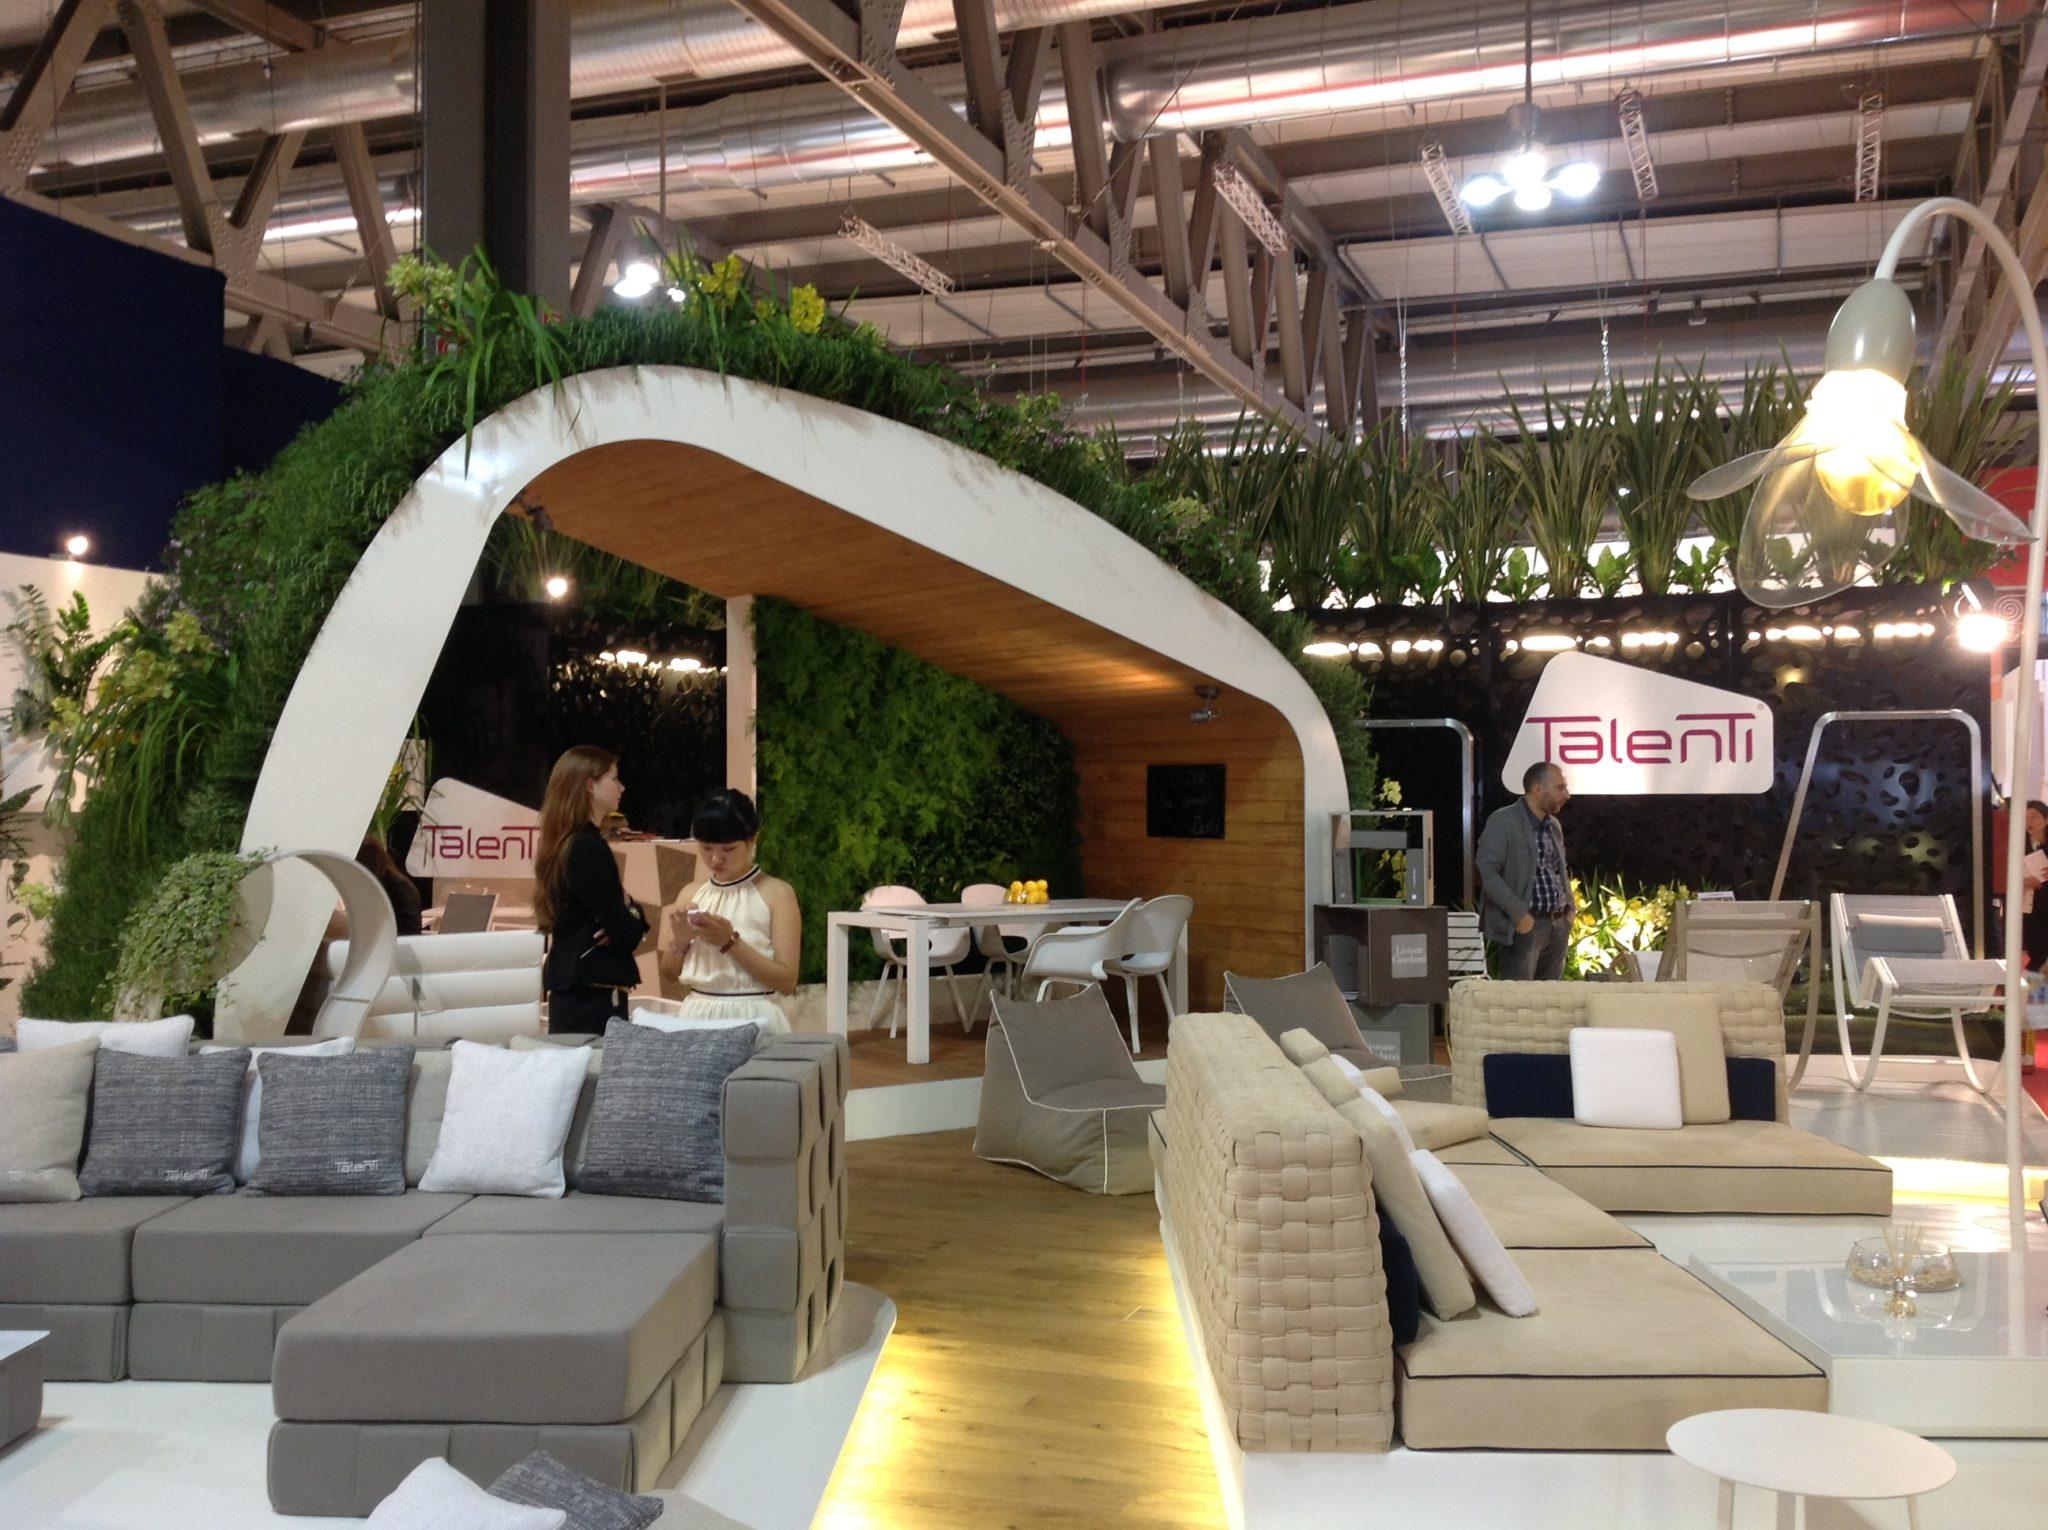 7 iSaloni 2014 milan design week interior design fair design de luxe luksosowe meble targi w mediolanie Talenti